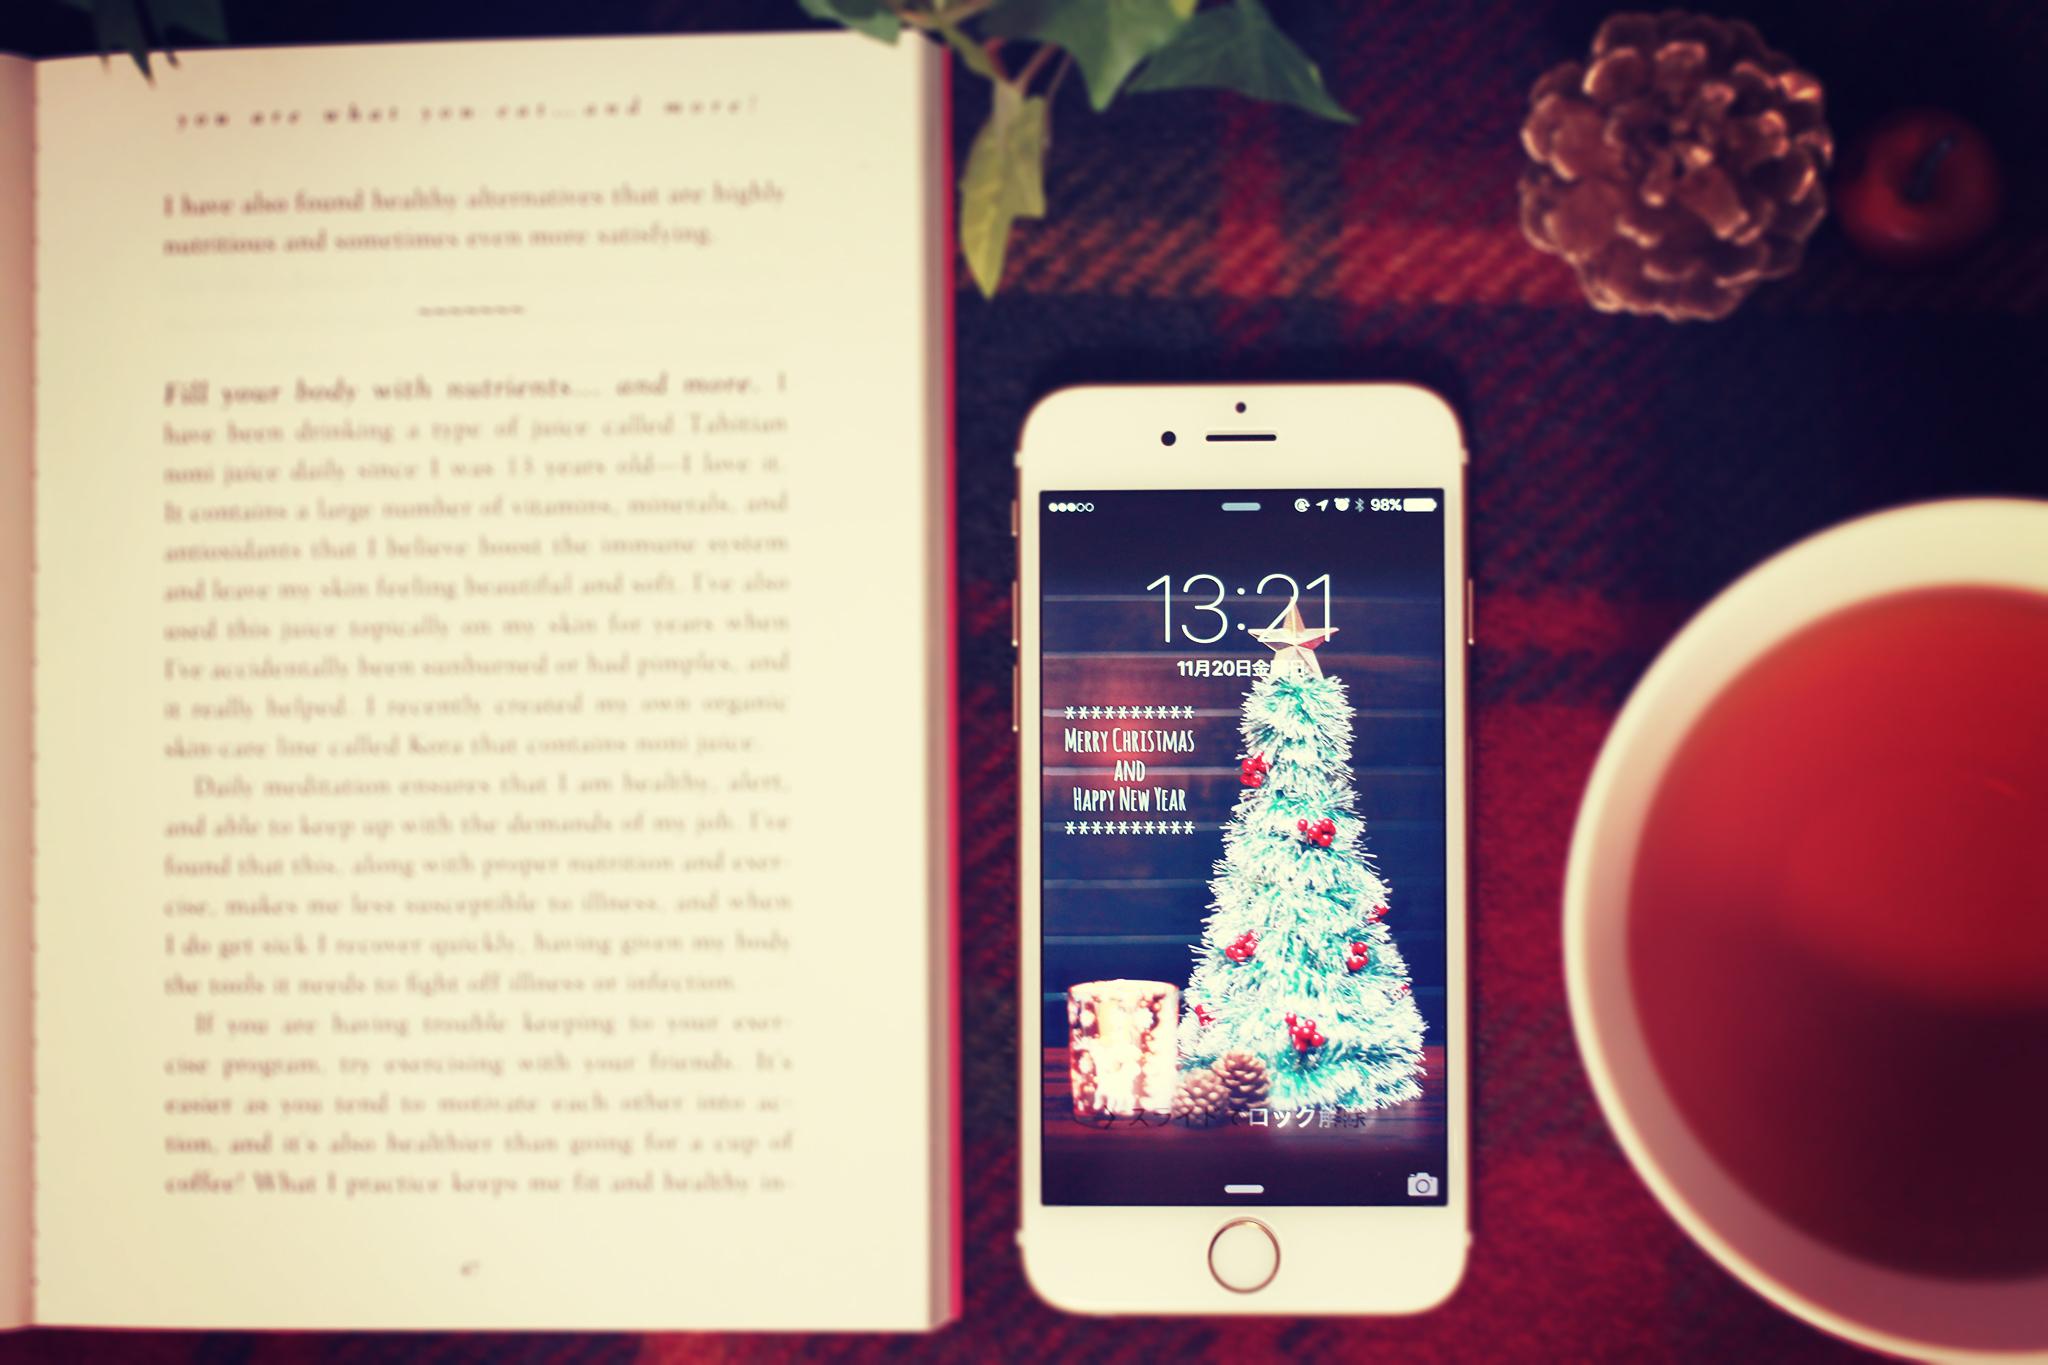 クリスマスな壁紙を設定したiphoneのフリー画像 おしゃれなフリー写真